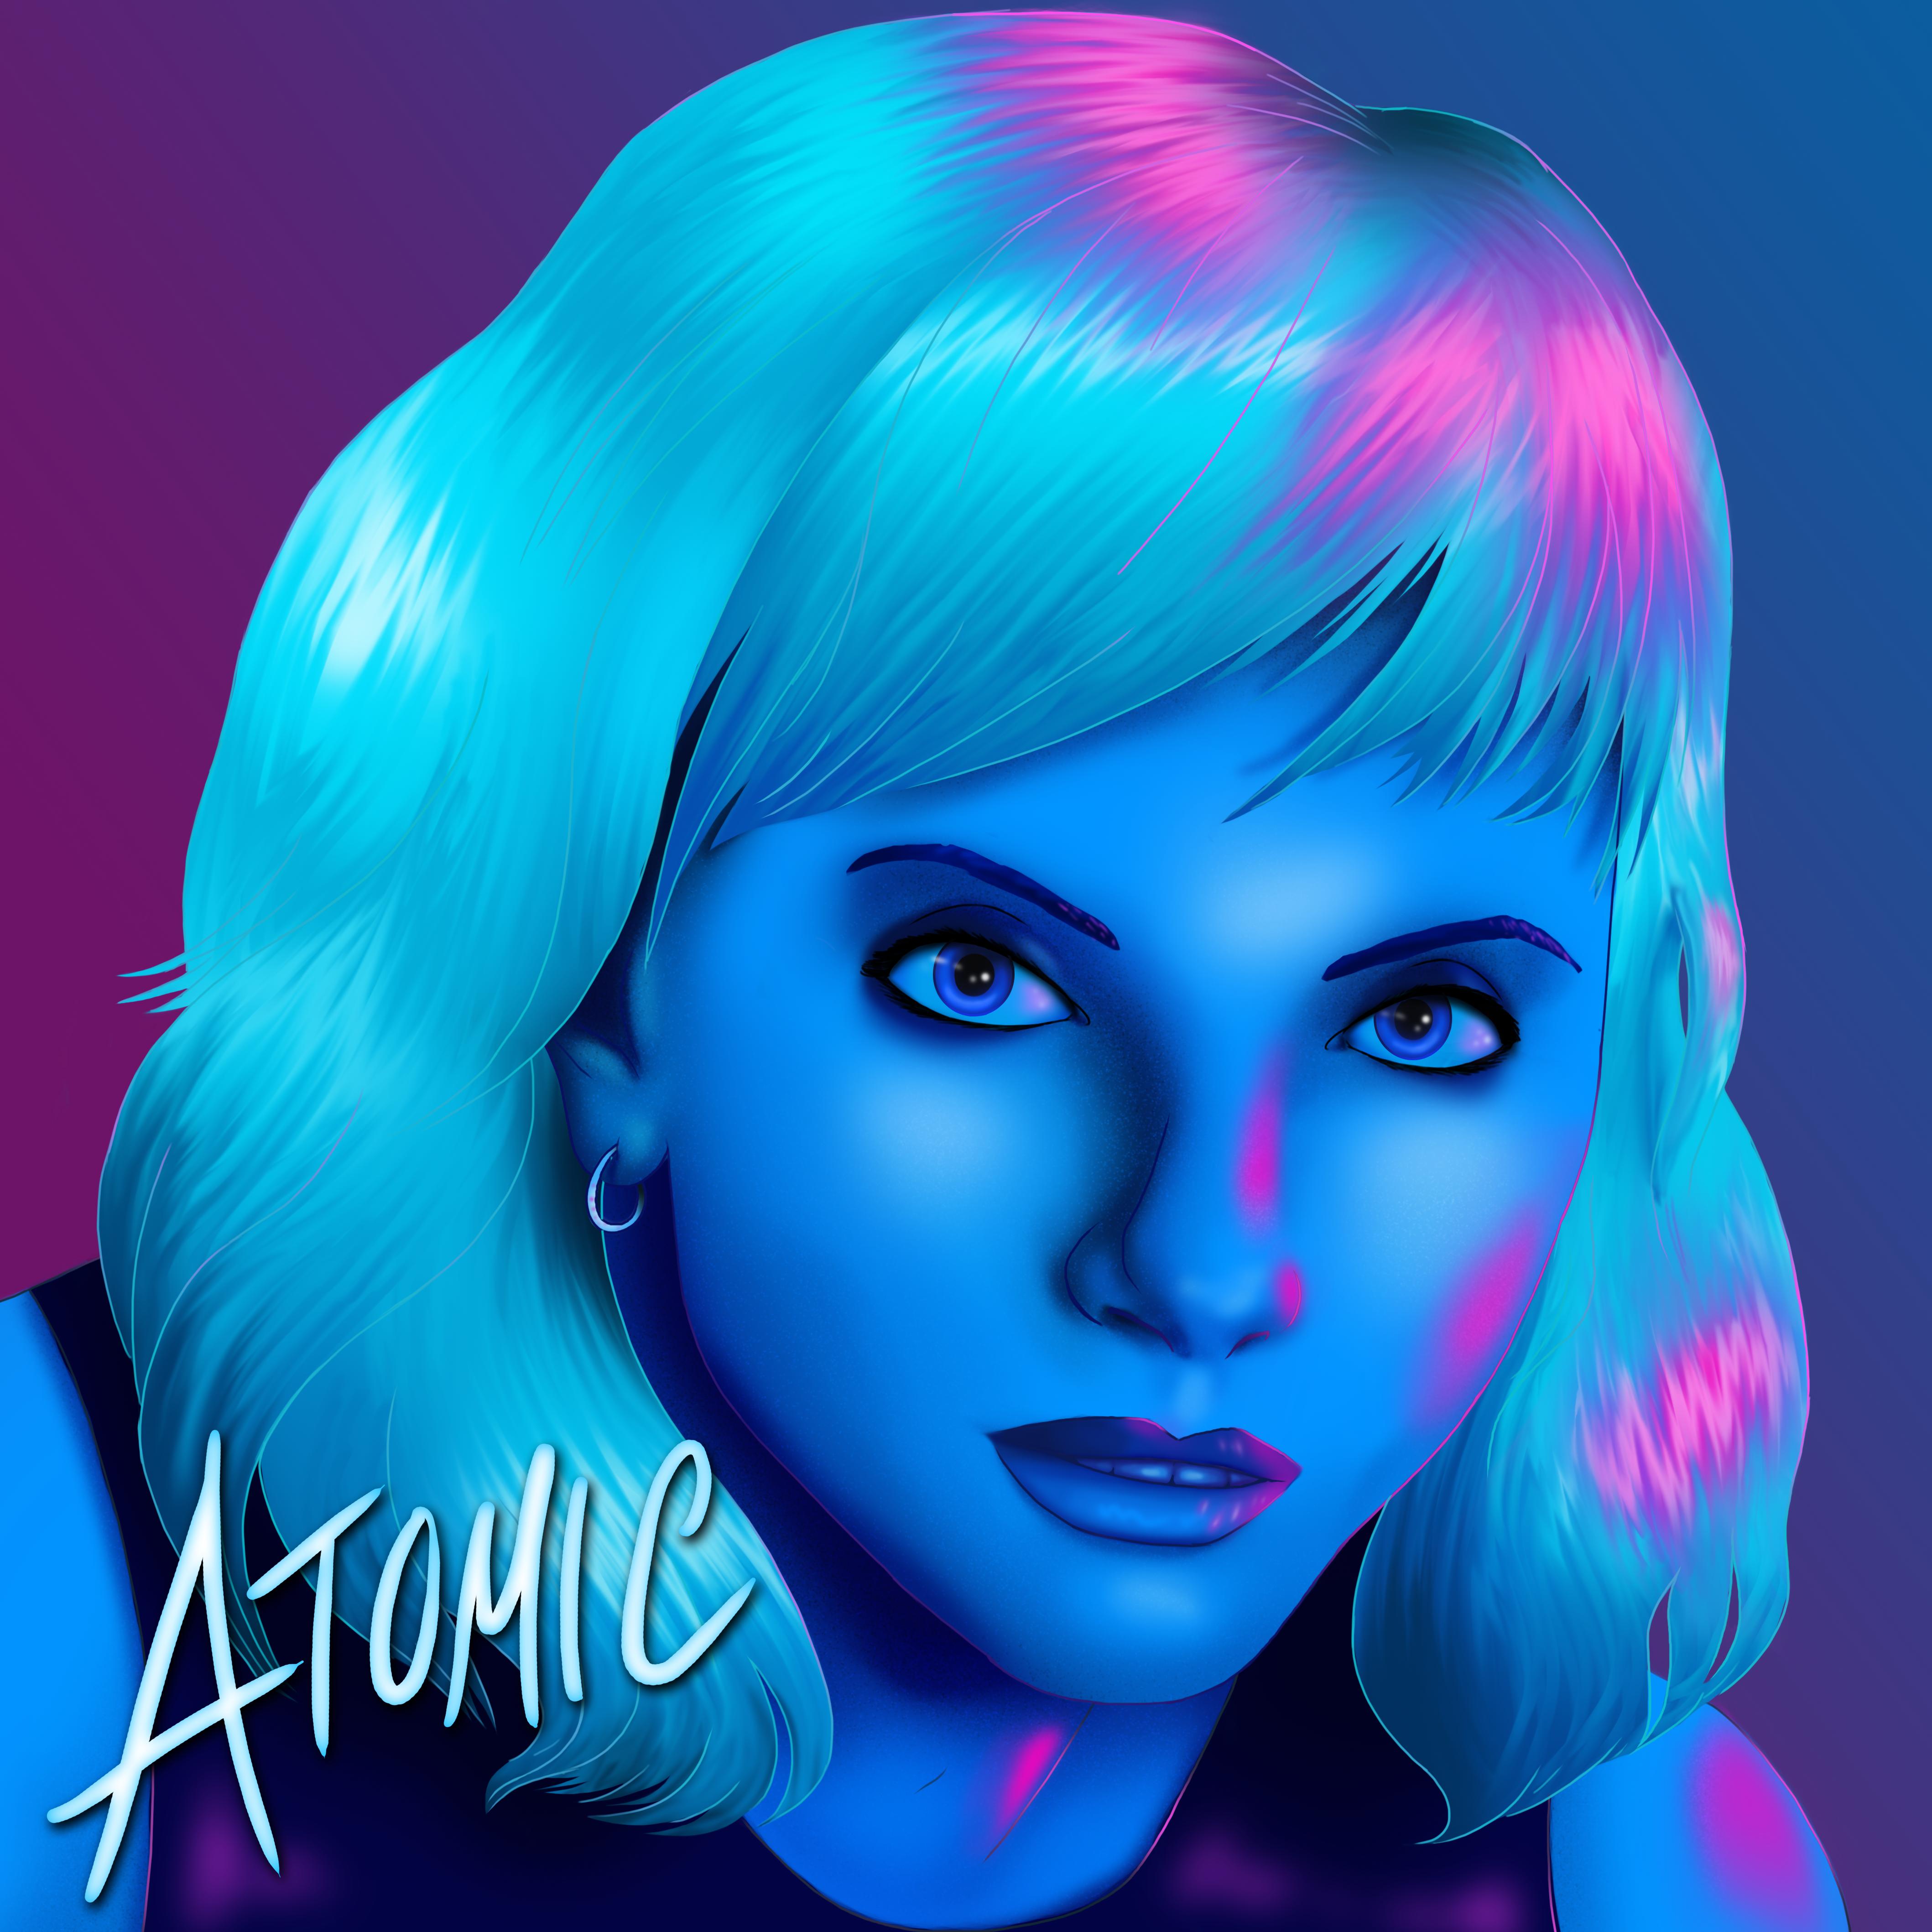 Atomic by Miltonholmes